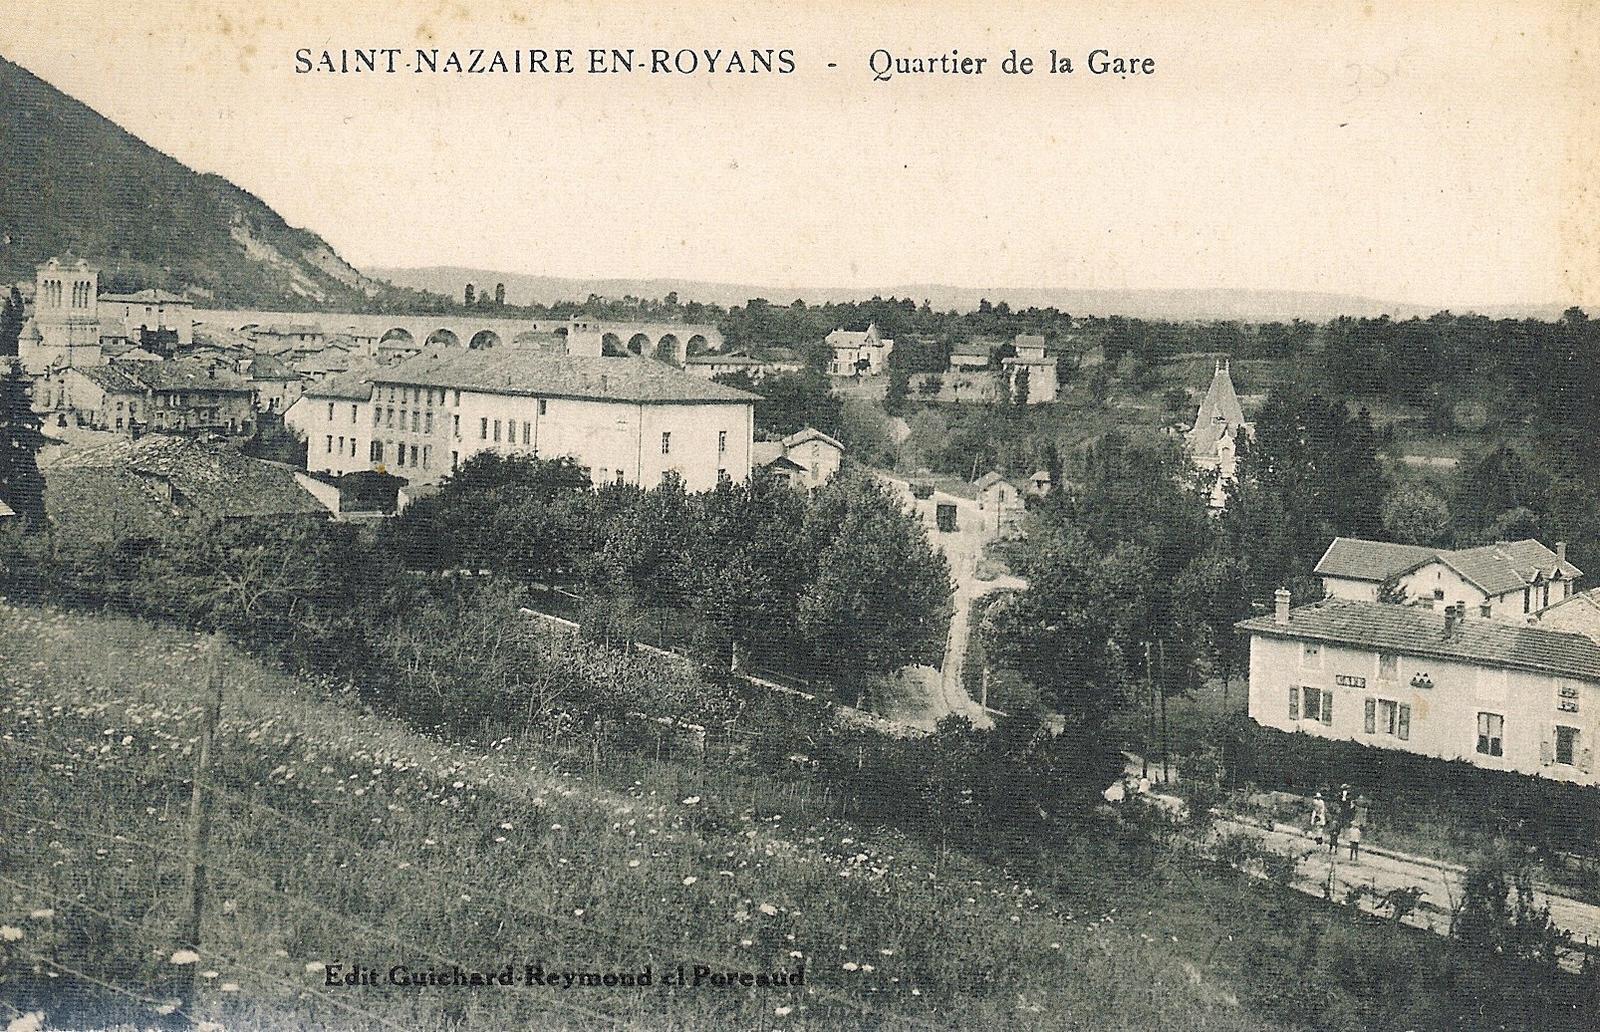 grenoble rencontre gay à Saint-Nazaire